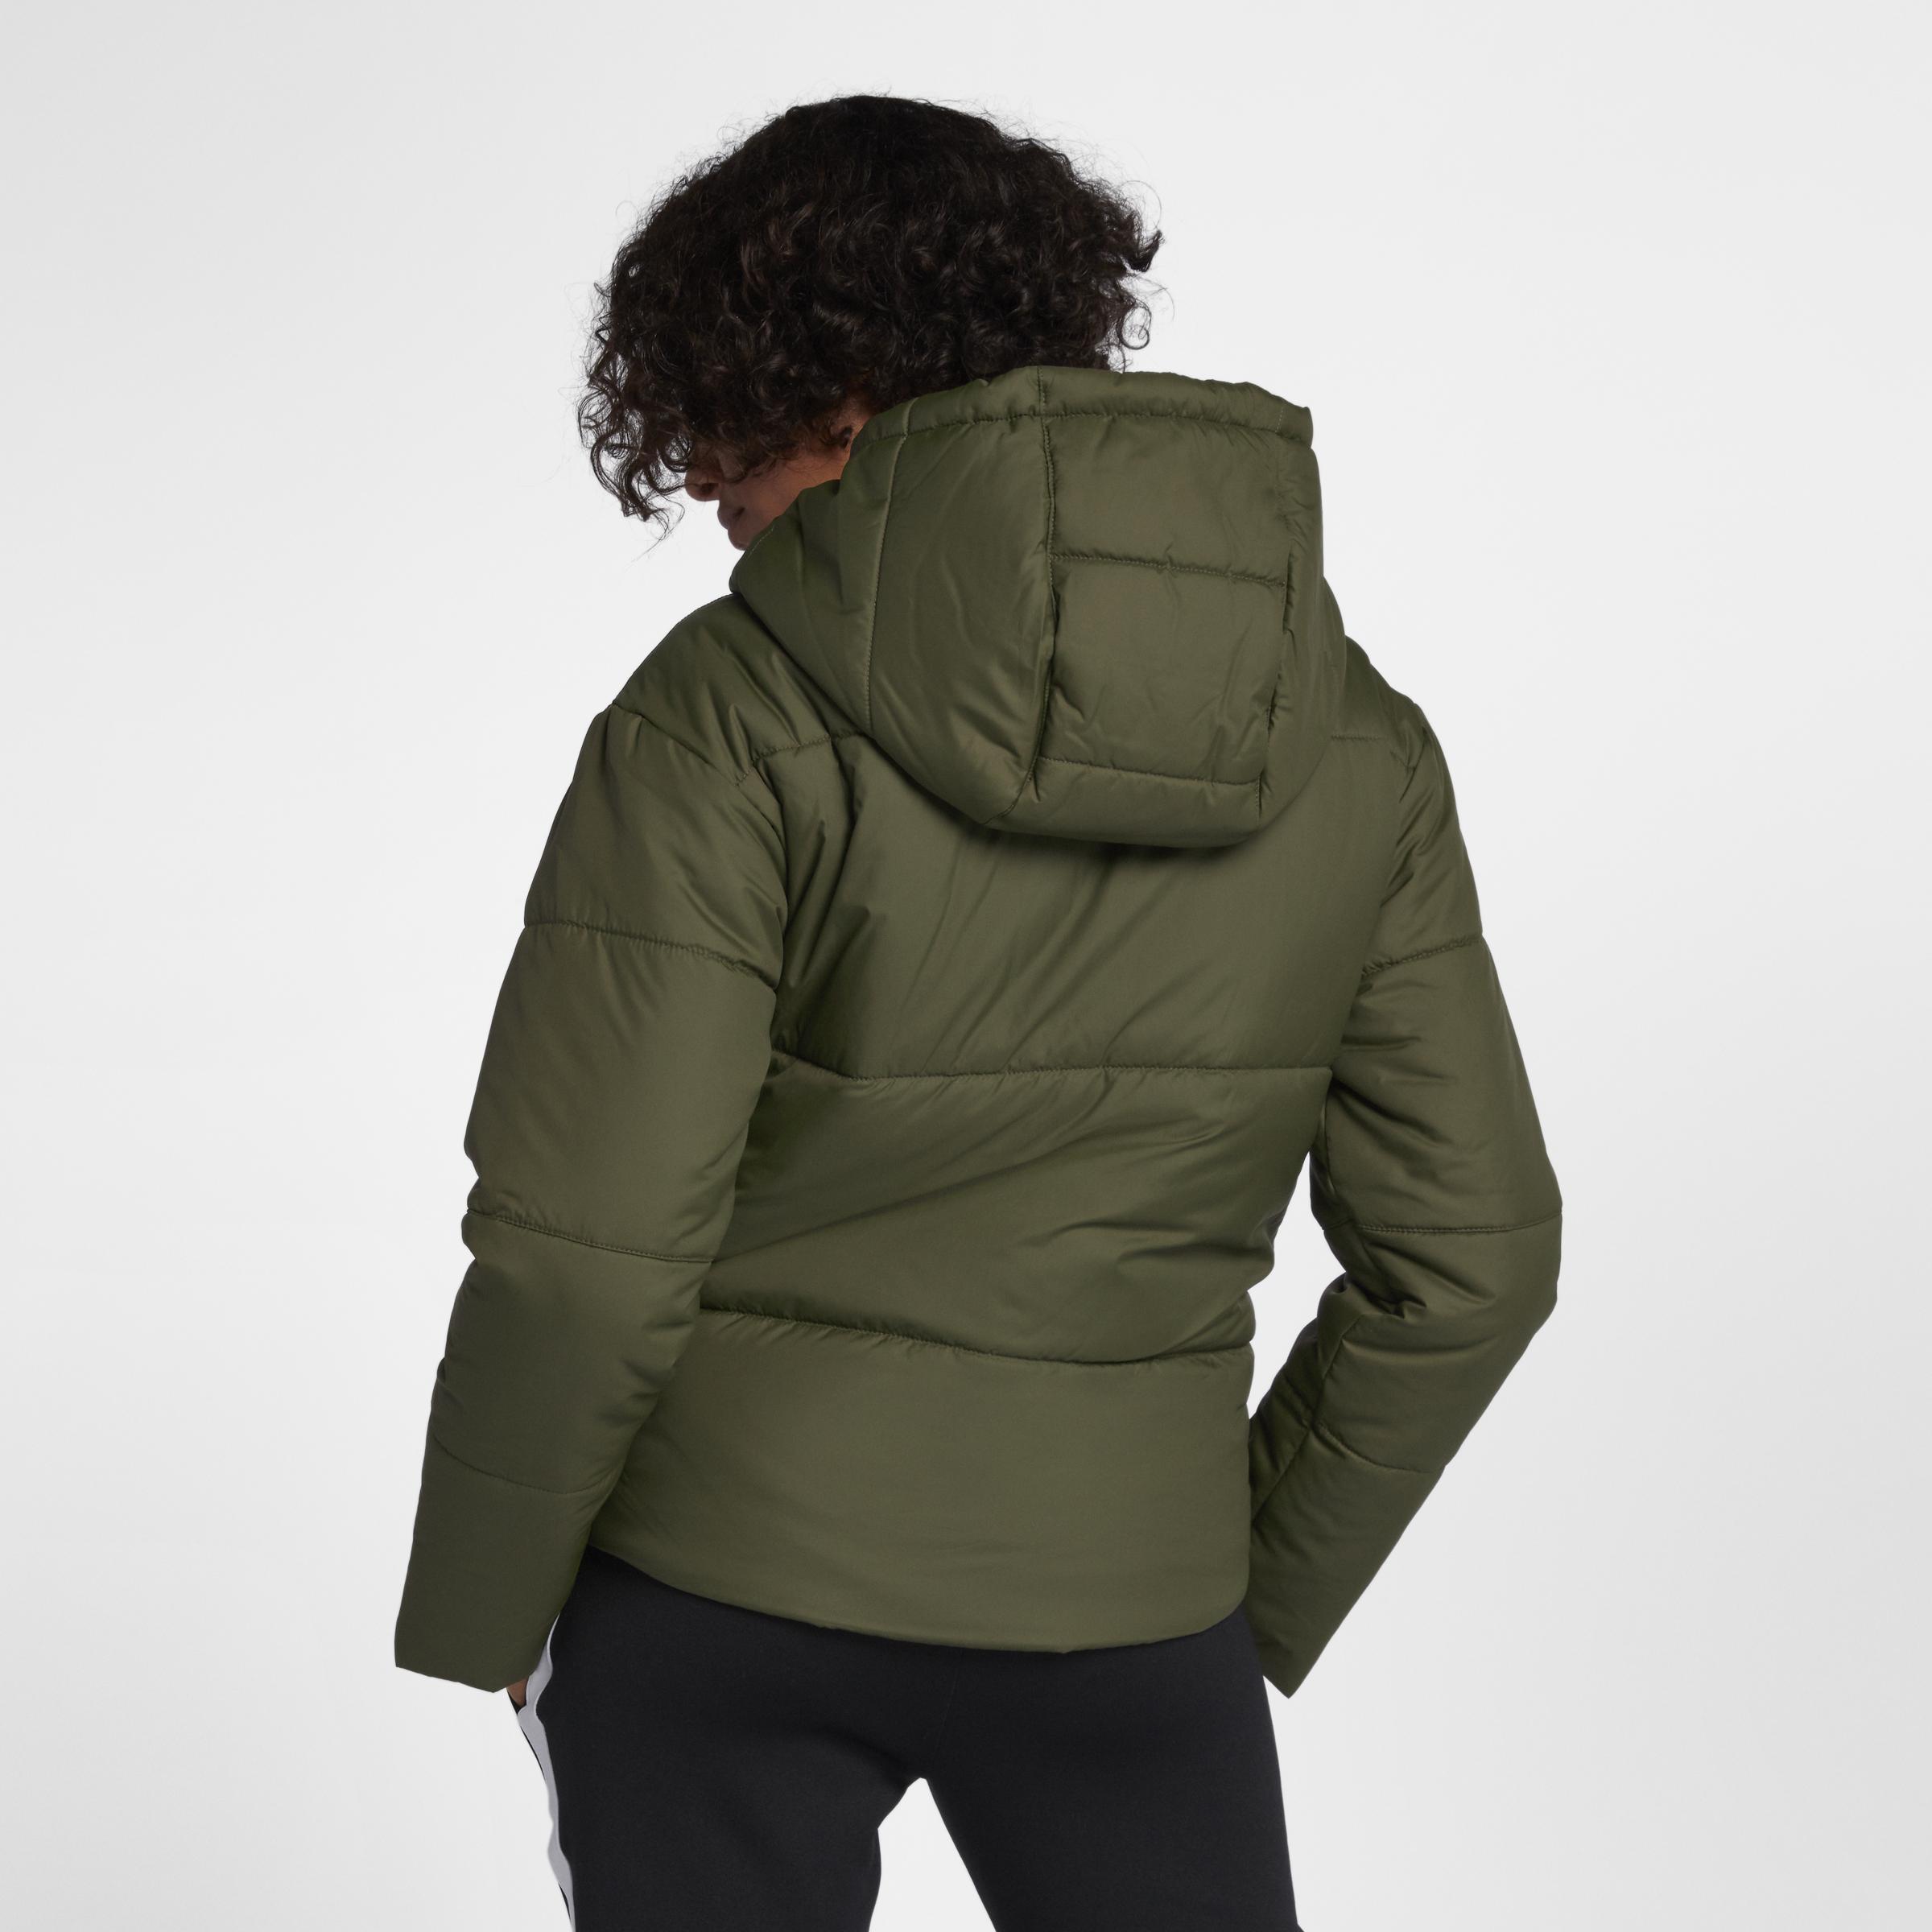 new arrival 770df 1708a Vert Femme Pour Veste En Sportswear Lyst Coloris Synthetic Fill Nike zFq1zvw